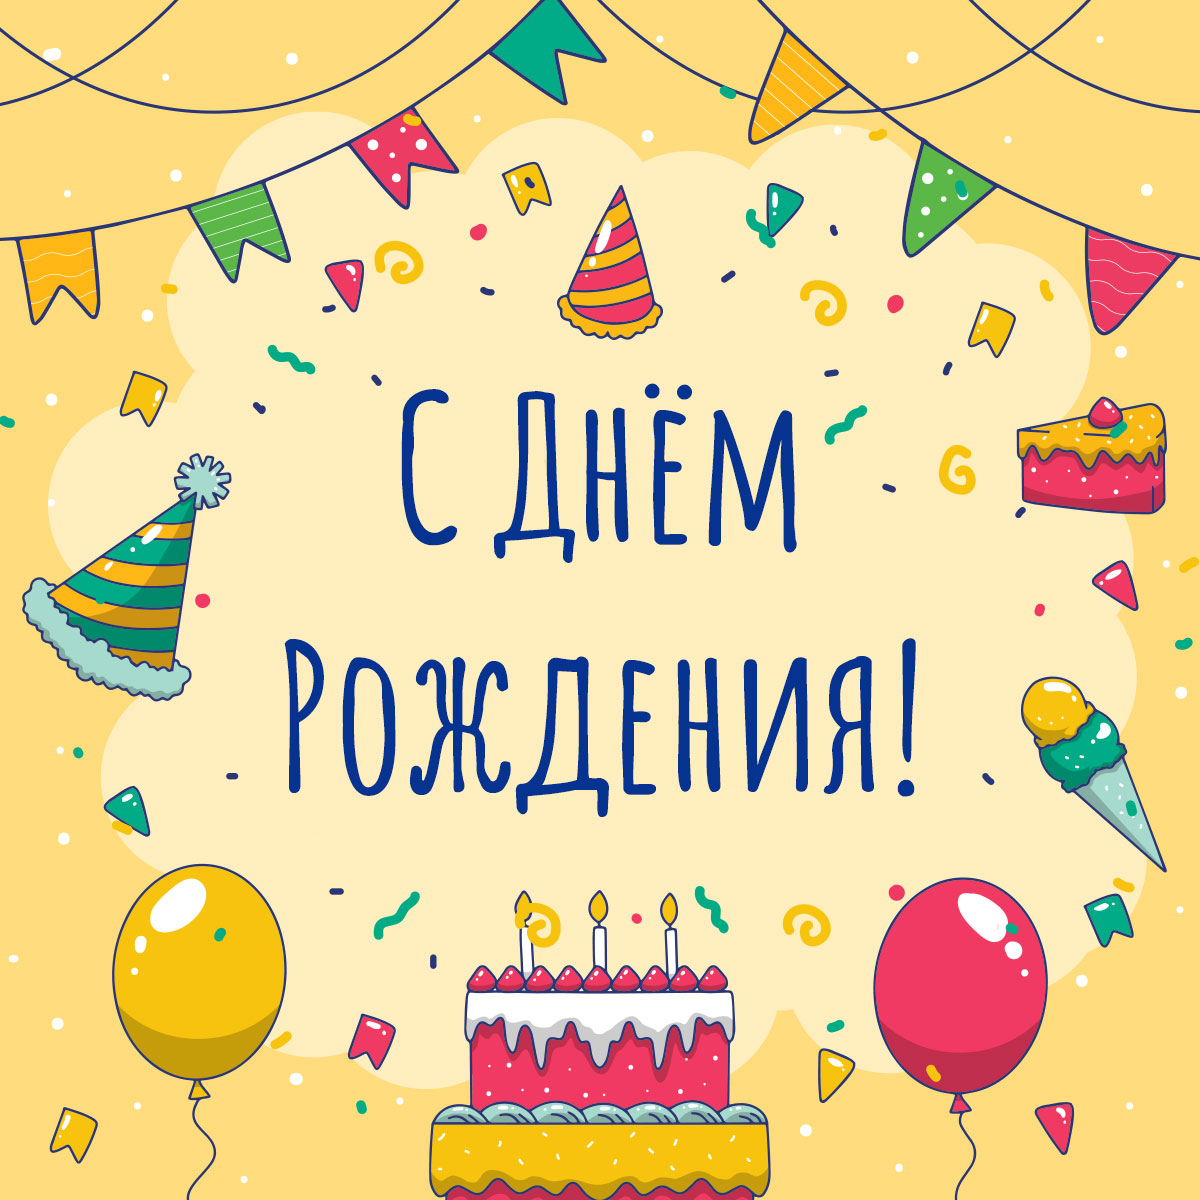 Картинка с текстом на жёлтом фоне на стильные открытки с днем рождения.